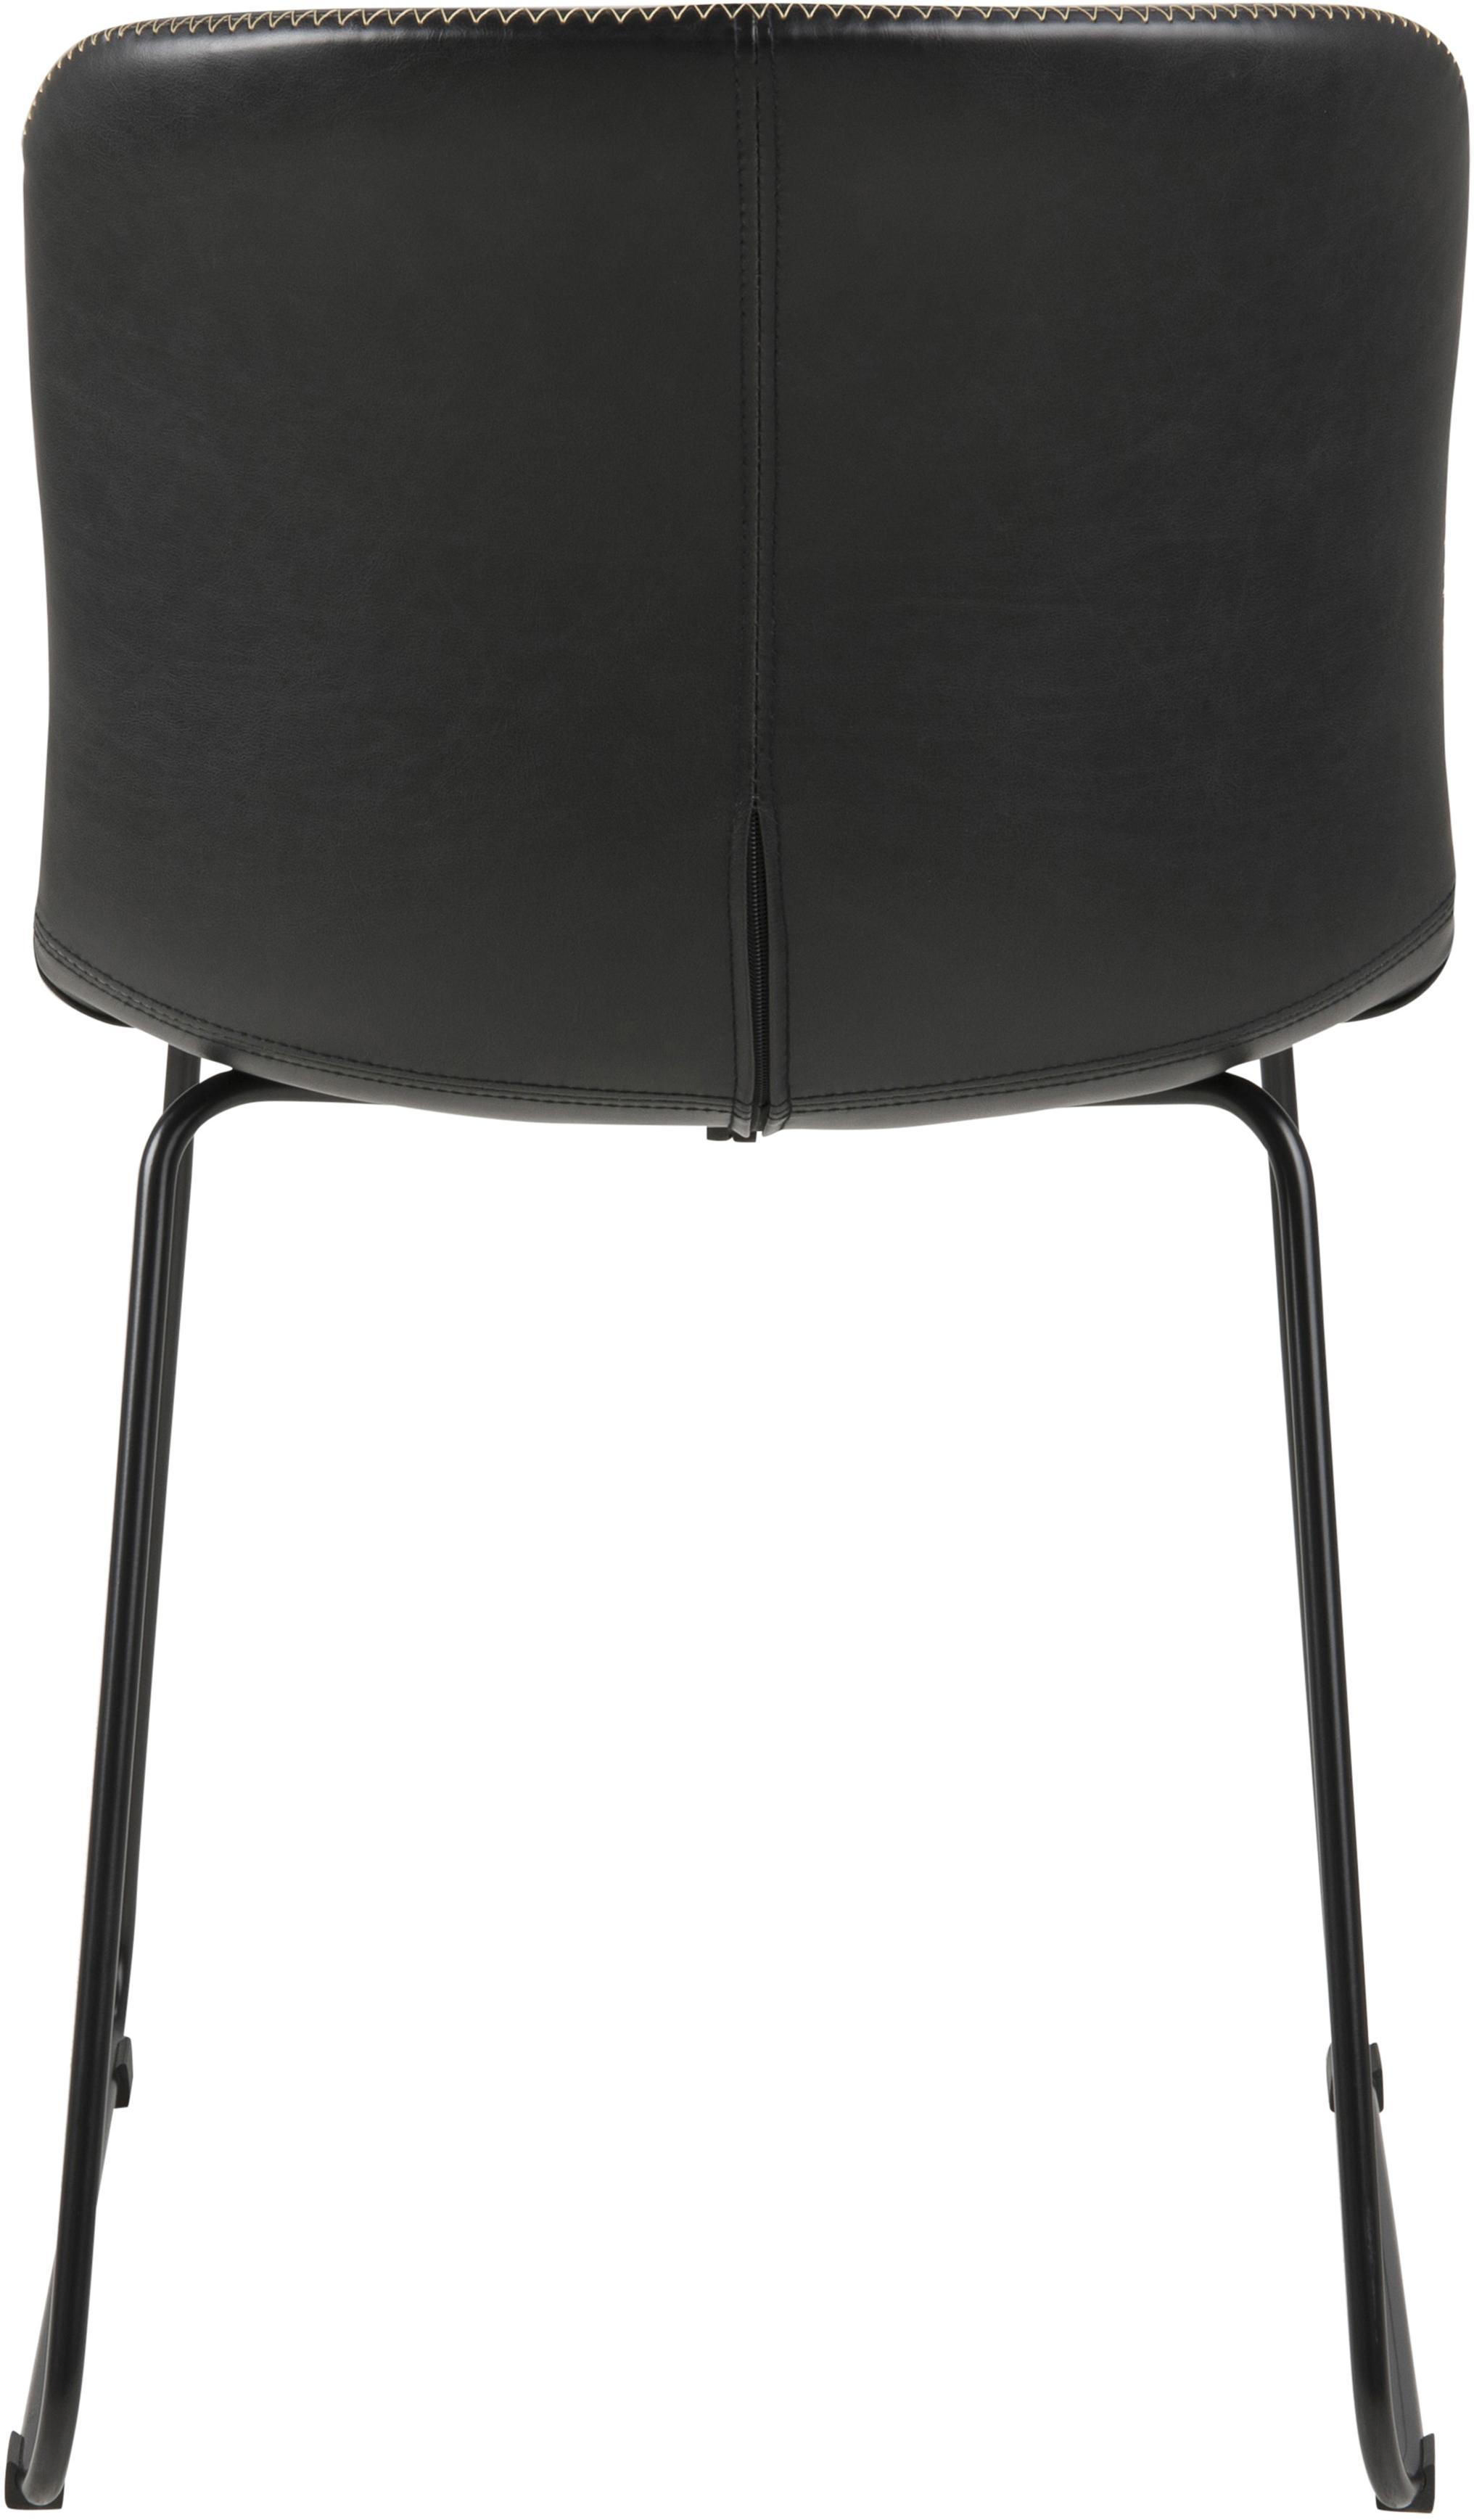 Kunstleder-Stühle Story, 2 Stück, Bezug: Kunstleder, Beine: Metall, pulverbeschichtet, Schwarz, B 47 x T 51 cm